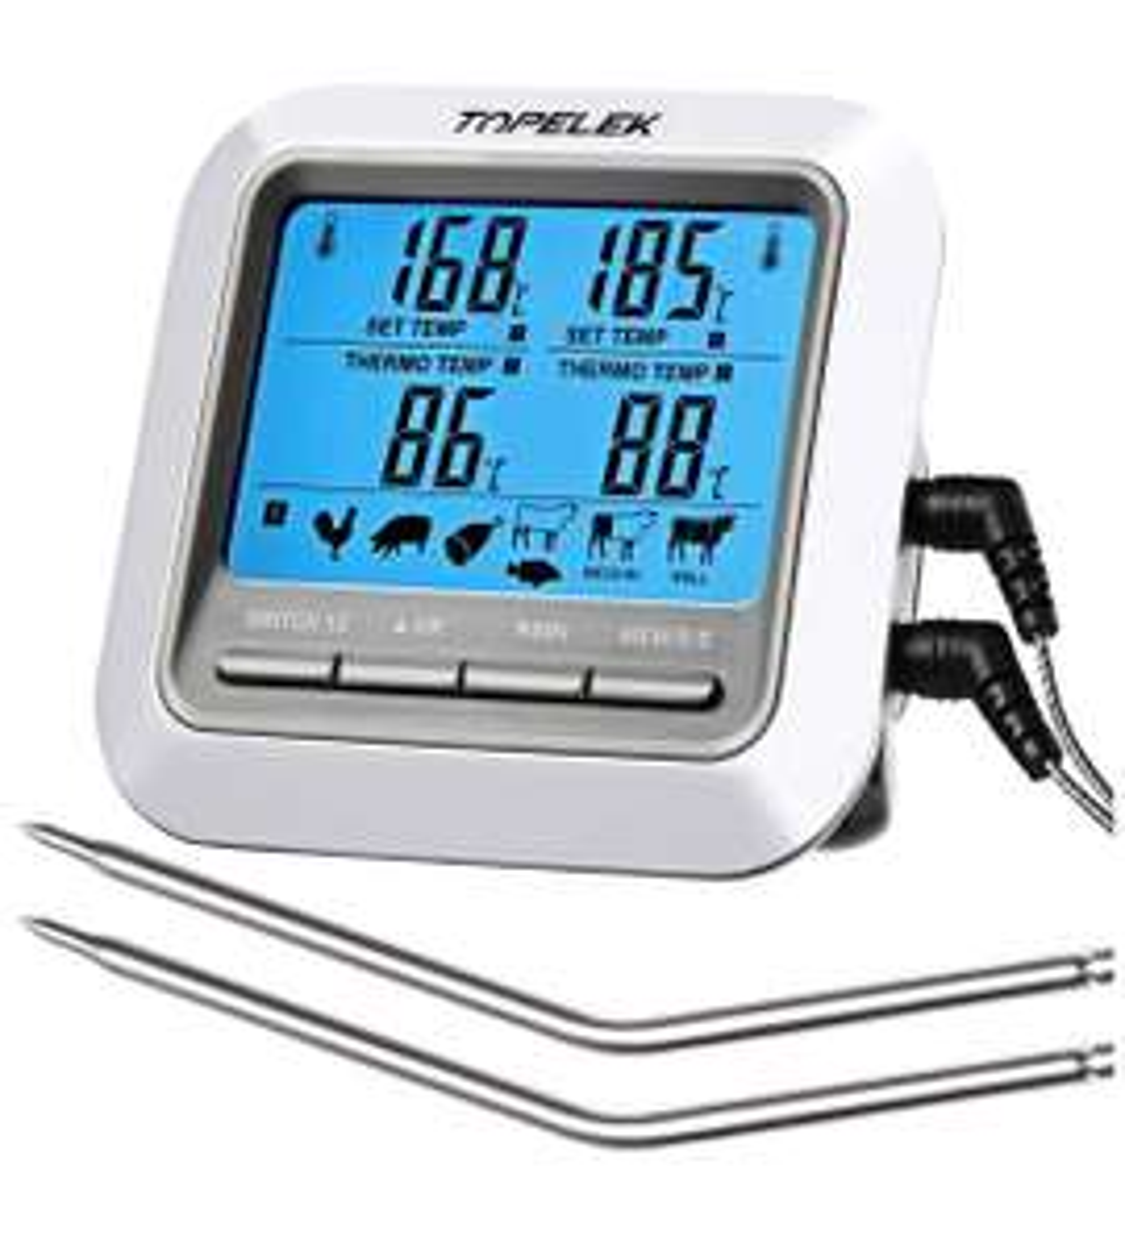 [Amazon] Topelek Grillthermometer mit 2 Sonden mit Gutschein für 9,99€ statt 15,99€ (+ Versand falls kein Prime)